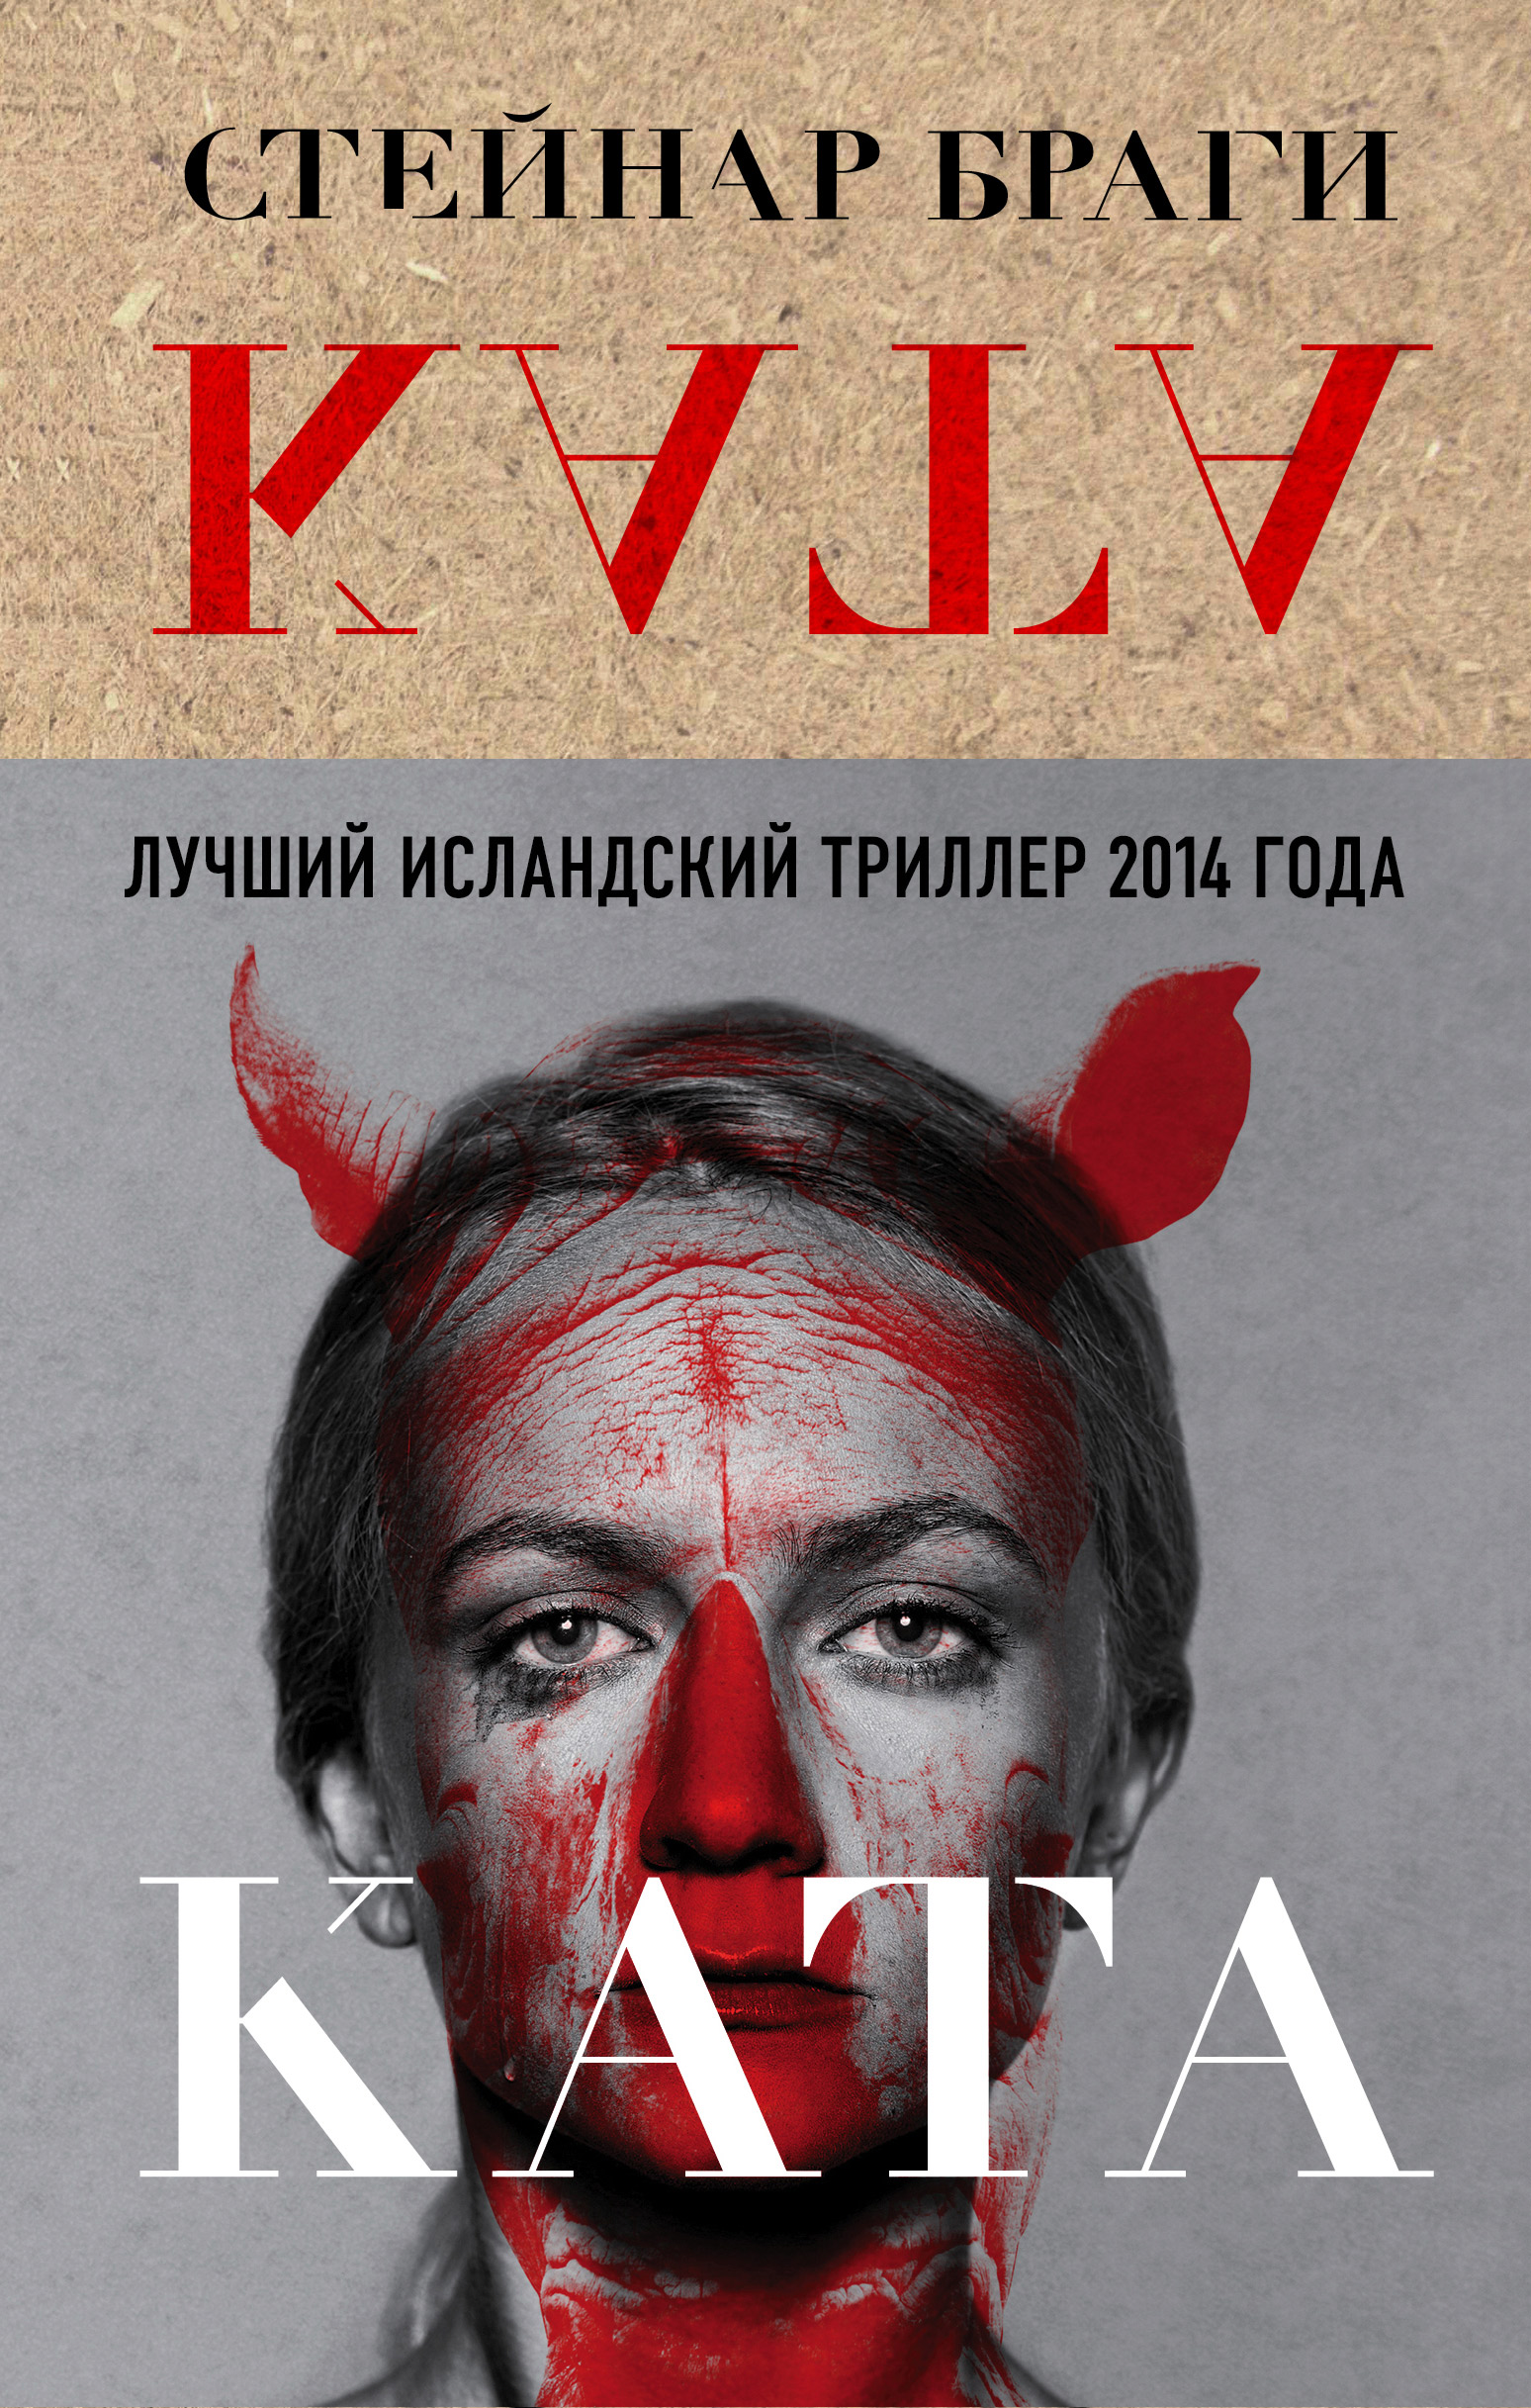 Купить книгу Ката, автора Стейнара Браги